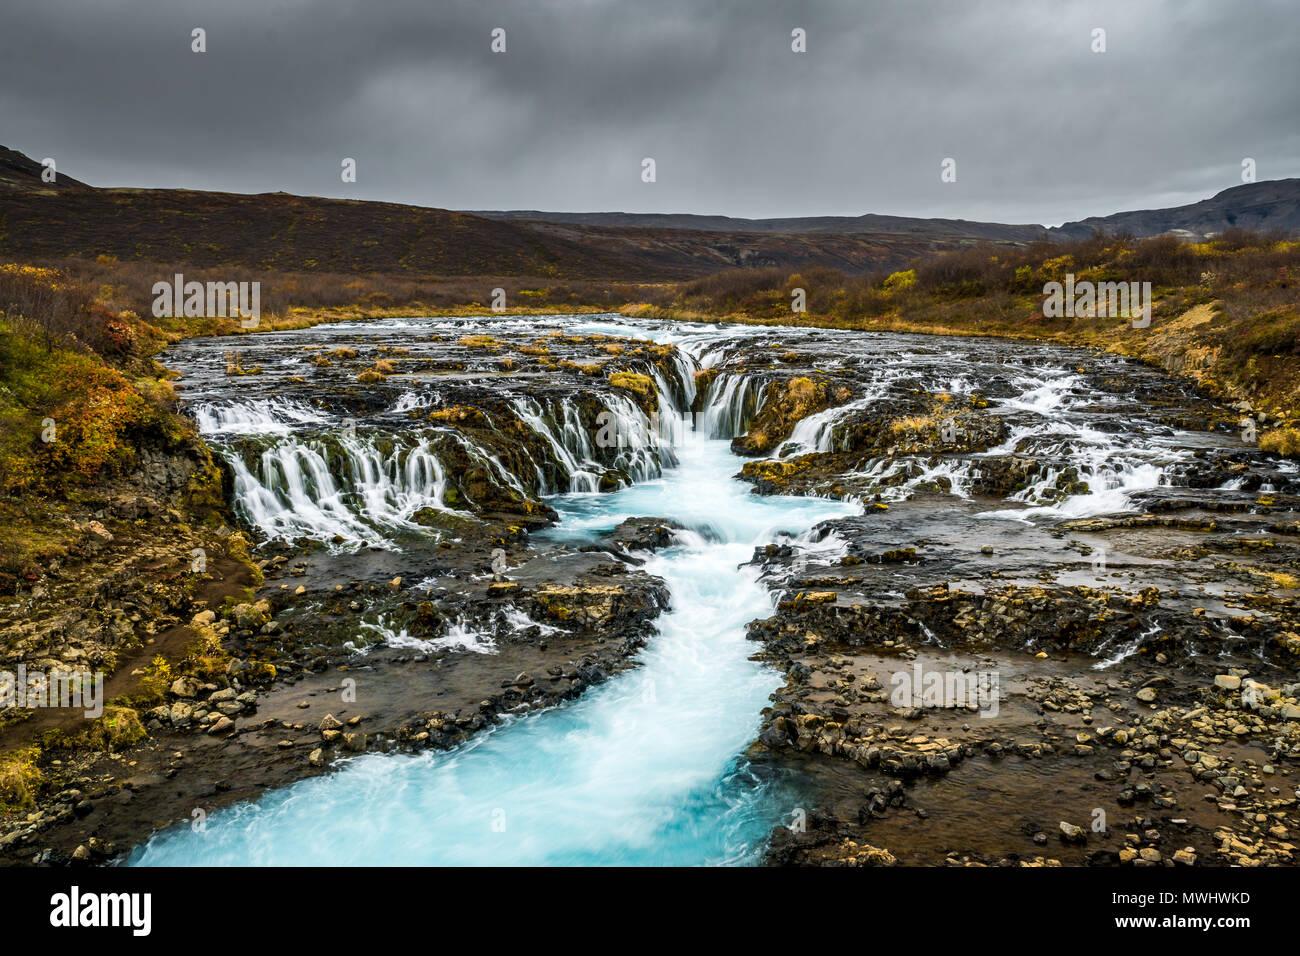 Solo una piccola ma molto bella cascata lungo il Cerchio Dorato. Sicuramente uno dei miei luoghi preferiti in Islanda ma un po' difficile da raggiungere, il peccato Immagini Stock